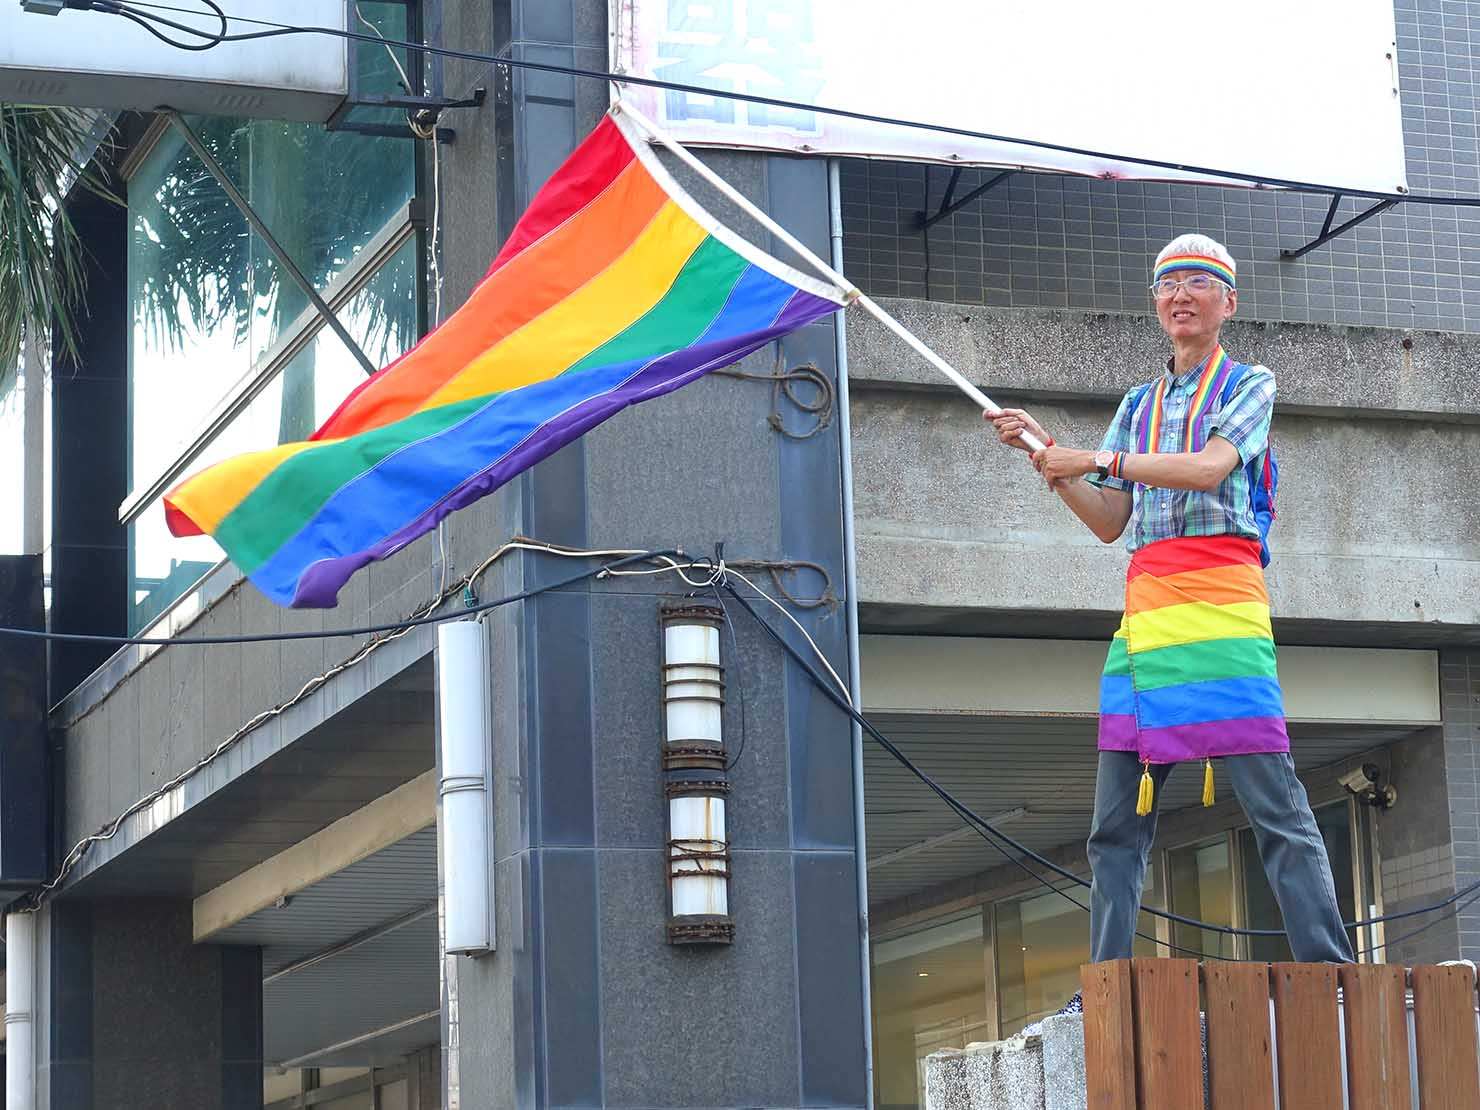 苗栗愛轉來平權遊行(苗栗LGBTプライド)2019でレインボーフラッグを振る祁家威さん